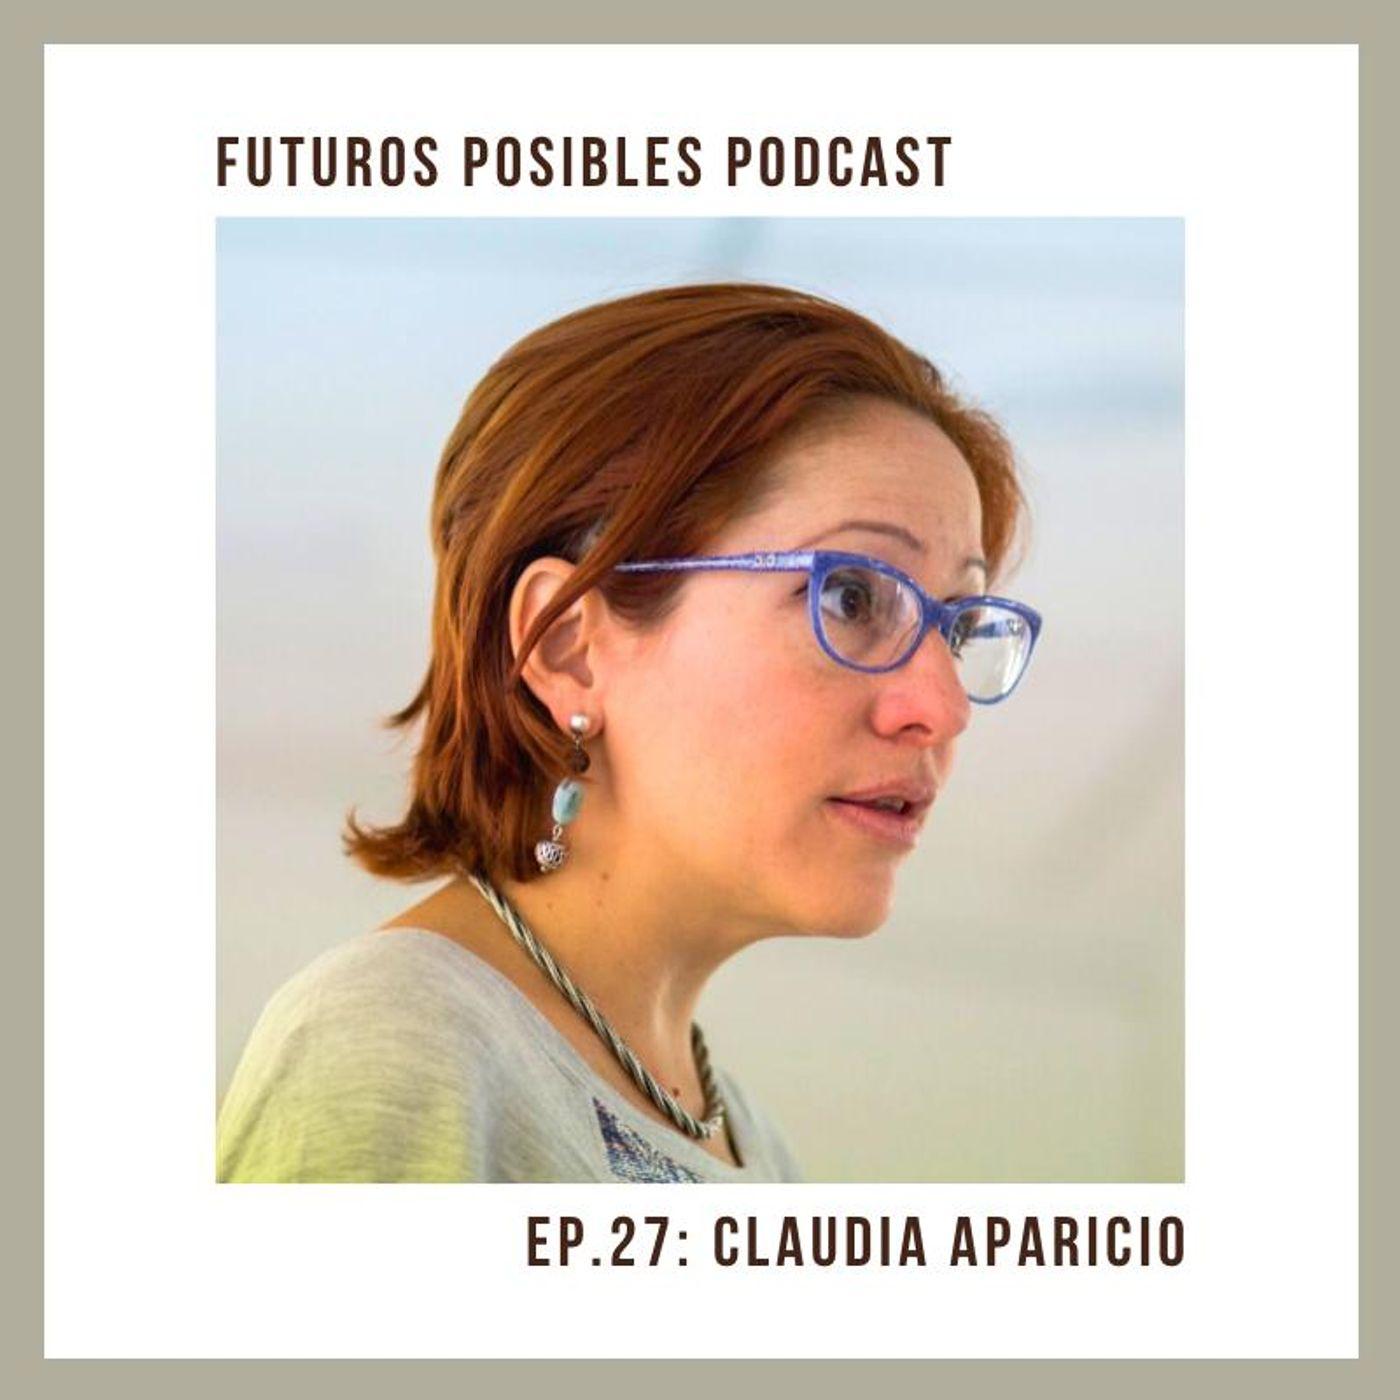 Ep. 27: Aprendizaje y solución de problemas reales, con Claudia Aparicio